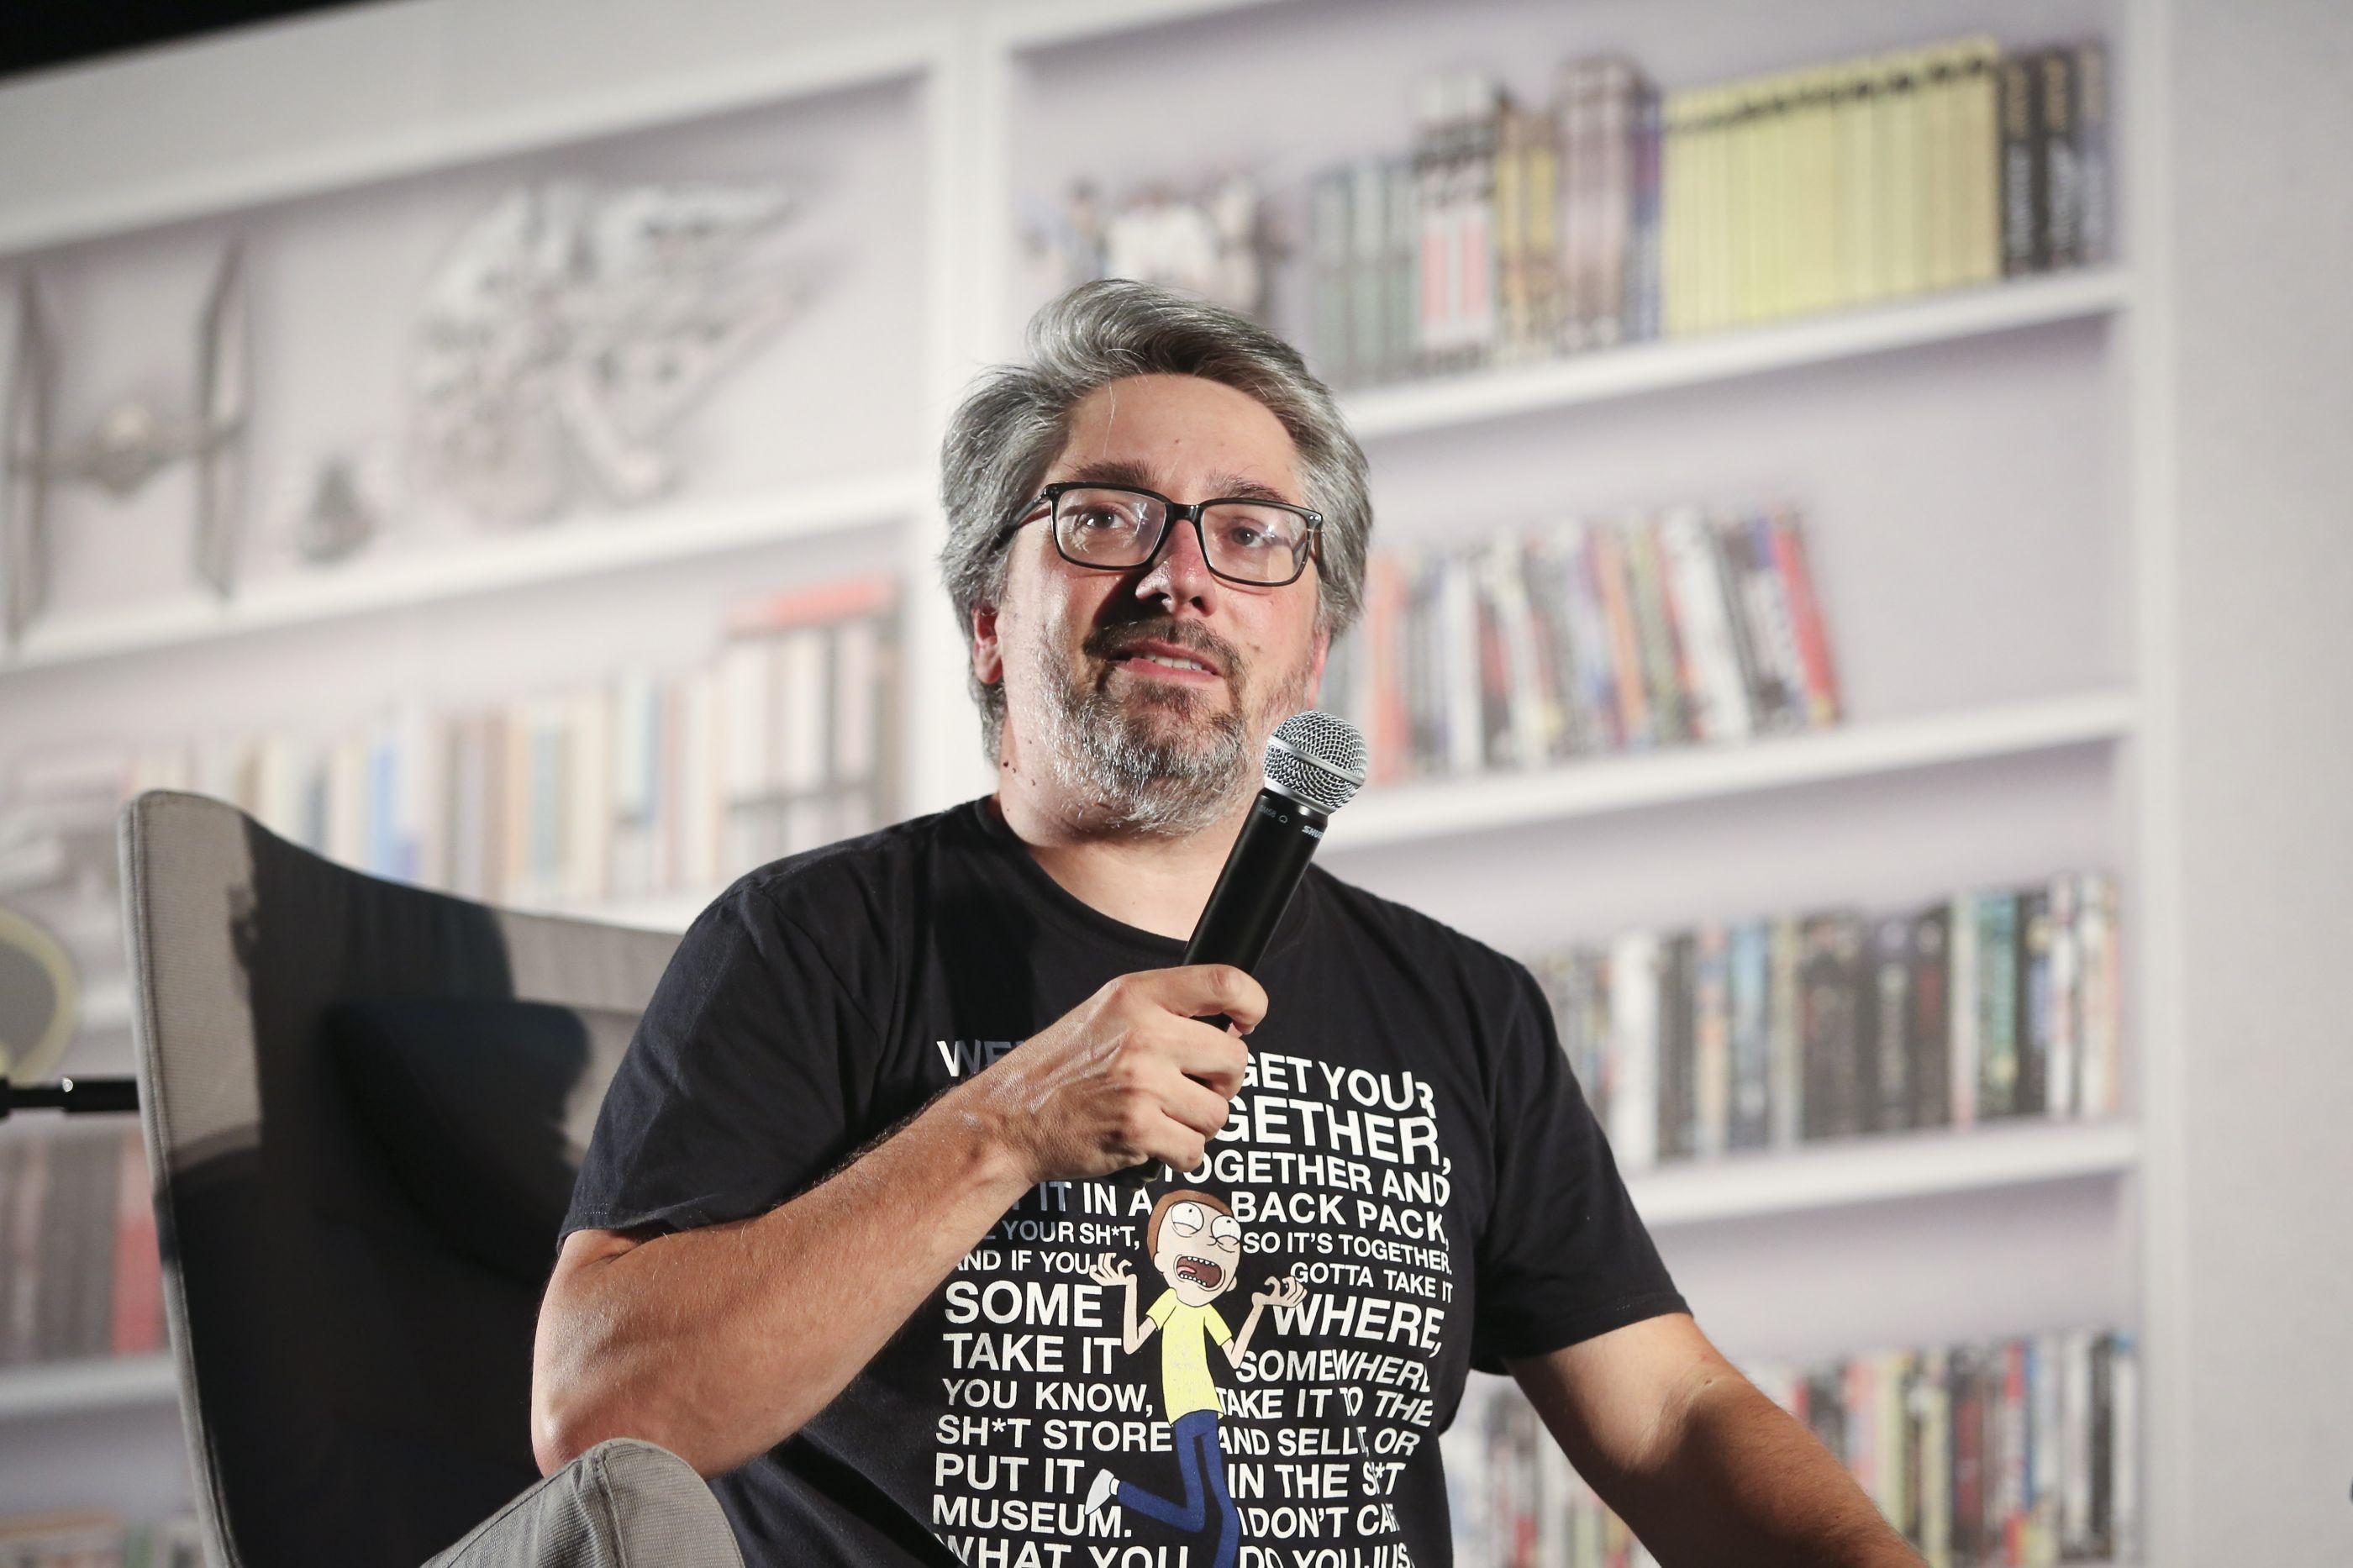 Indignado, Nuno Markl defende ator que deu vida a personagem tetraplégico